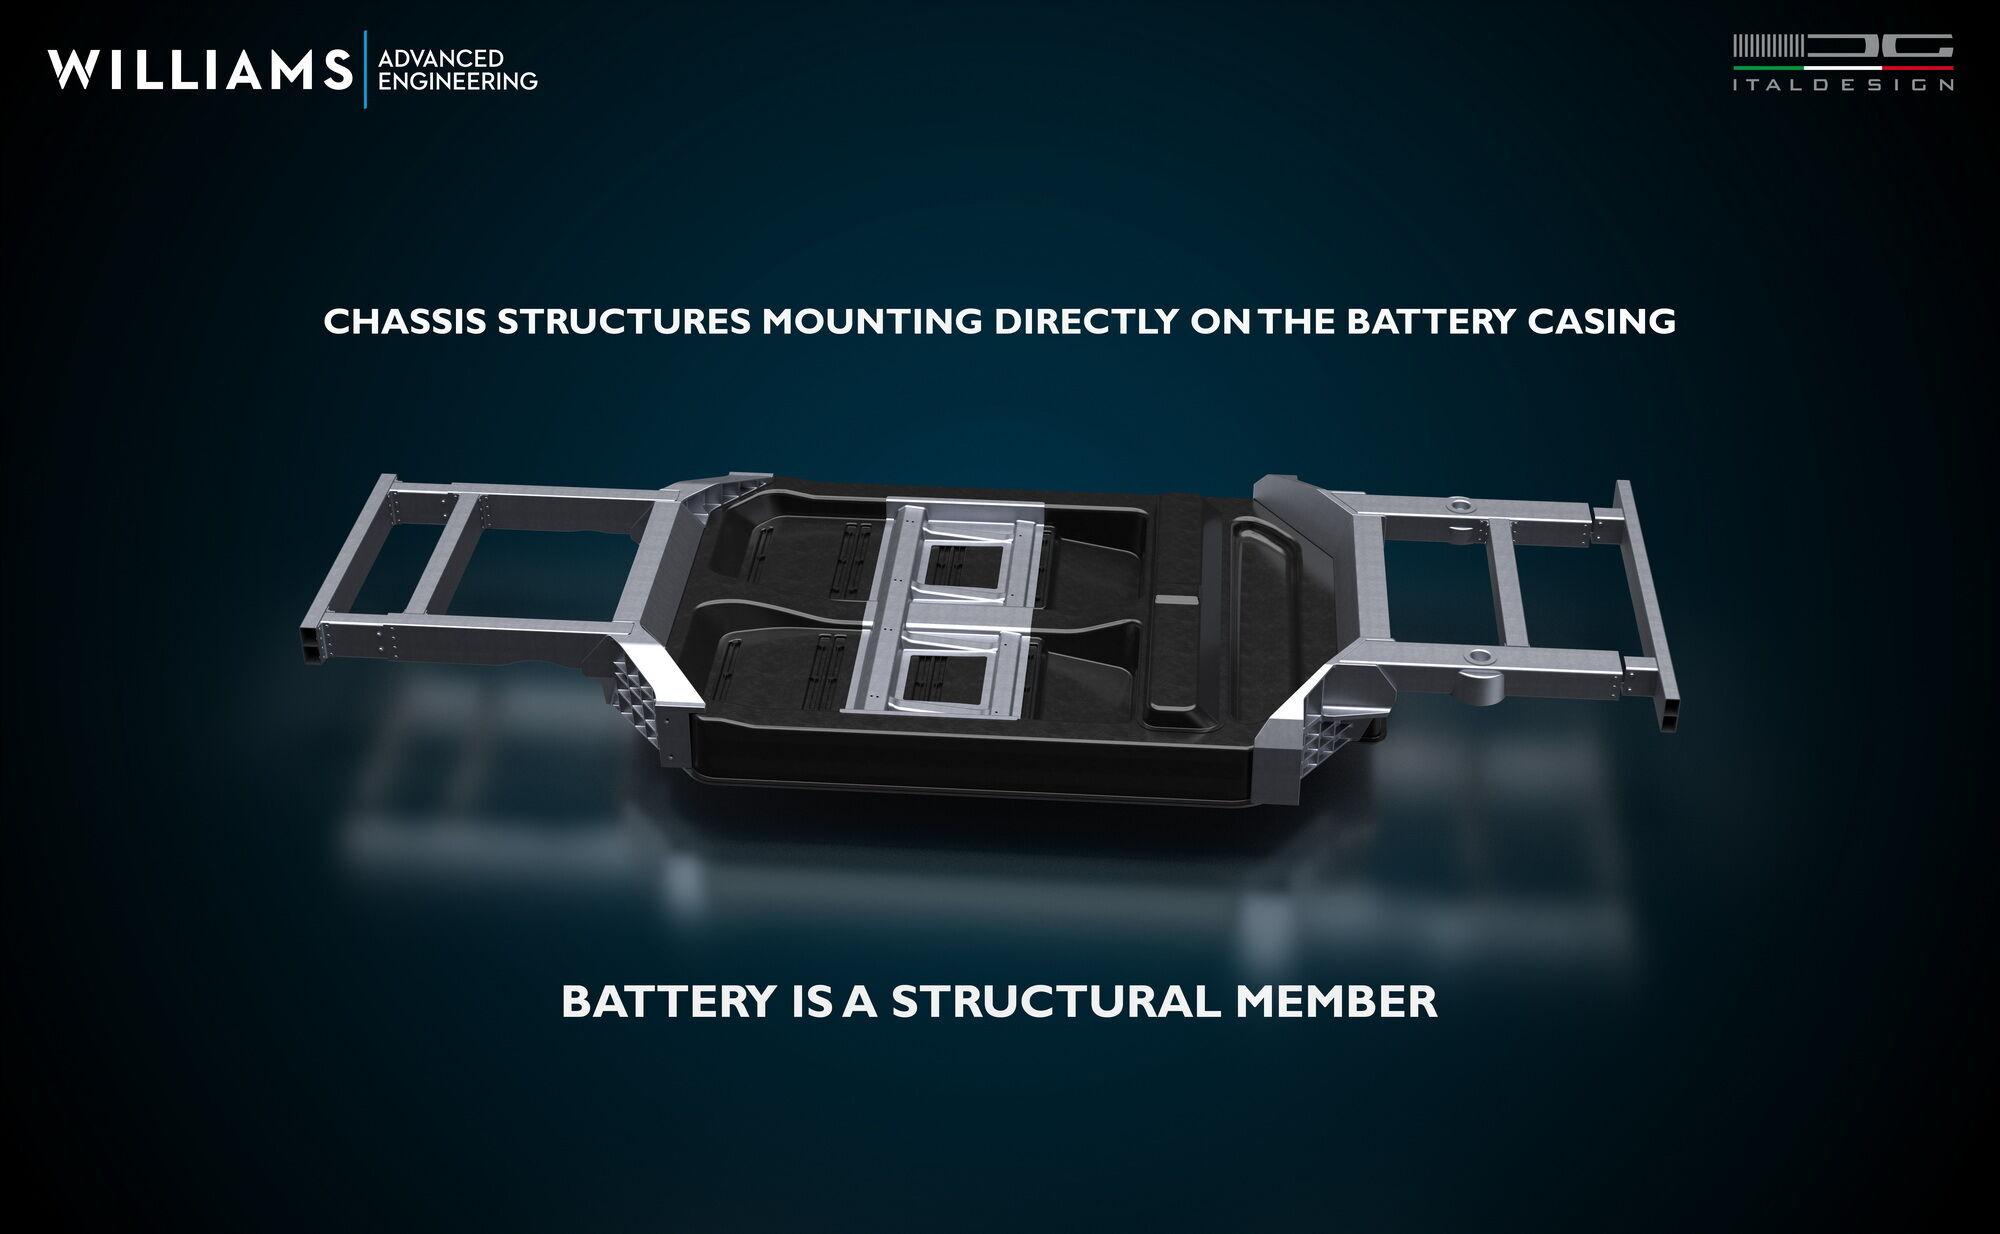 Батареи являются частью несущей конструкции платформы